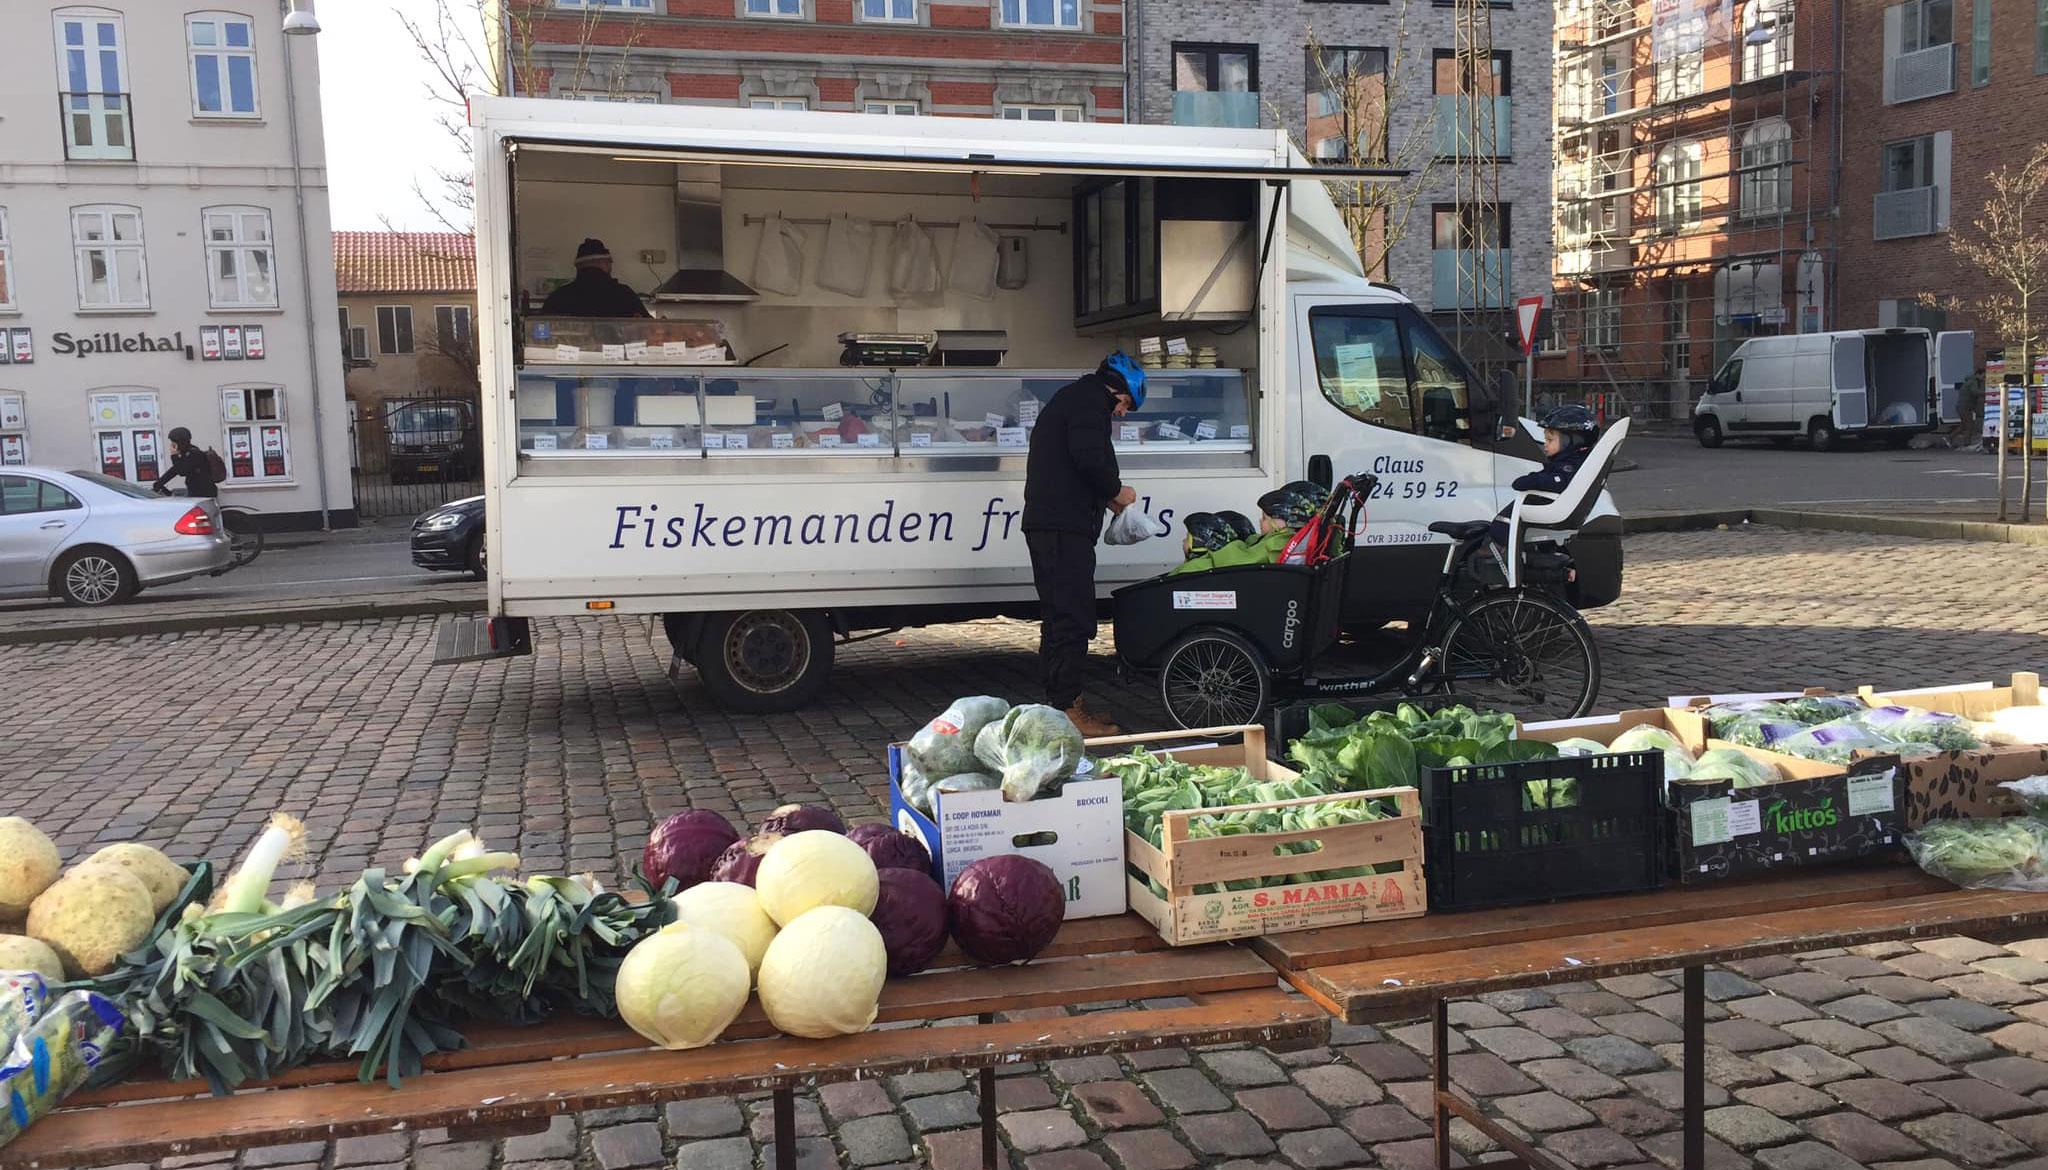 Lokale råvarer med alt det bedste: Kom til hyggelige torvedage midt i Aalborg